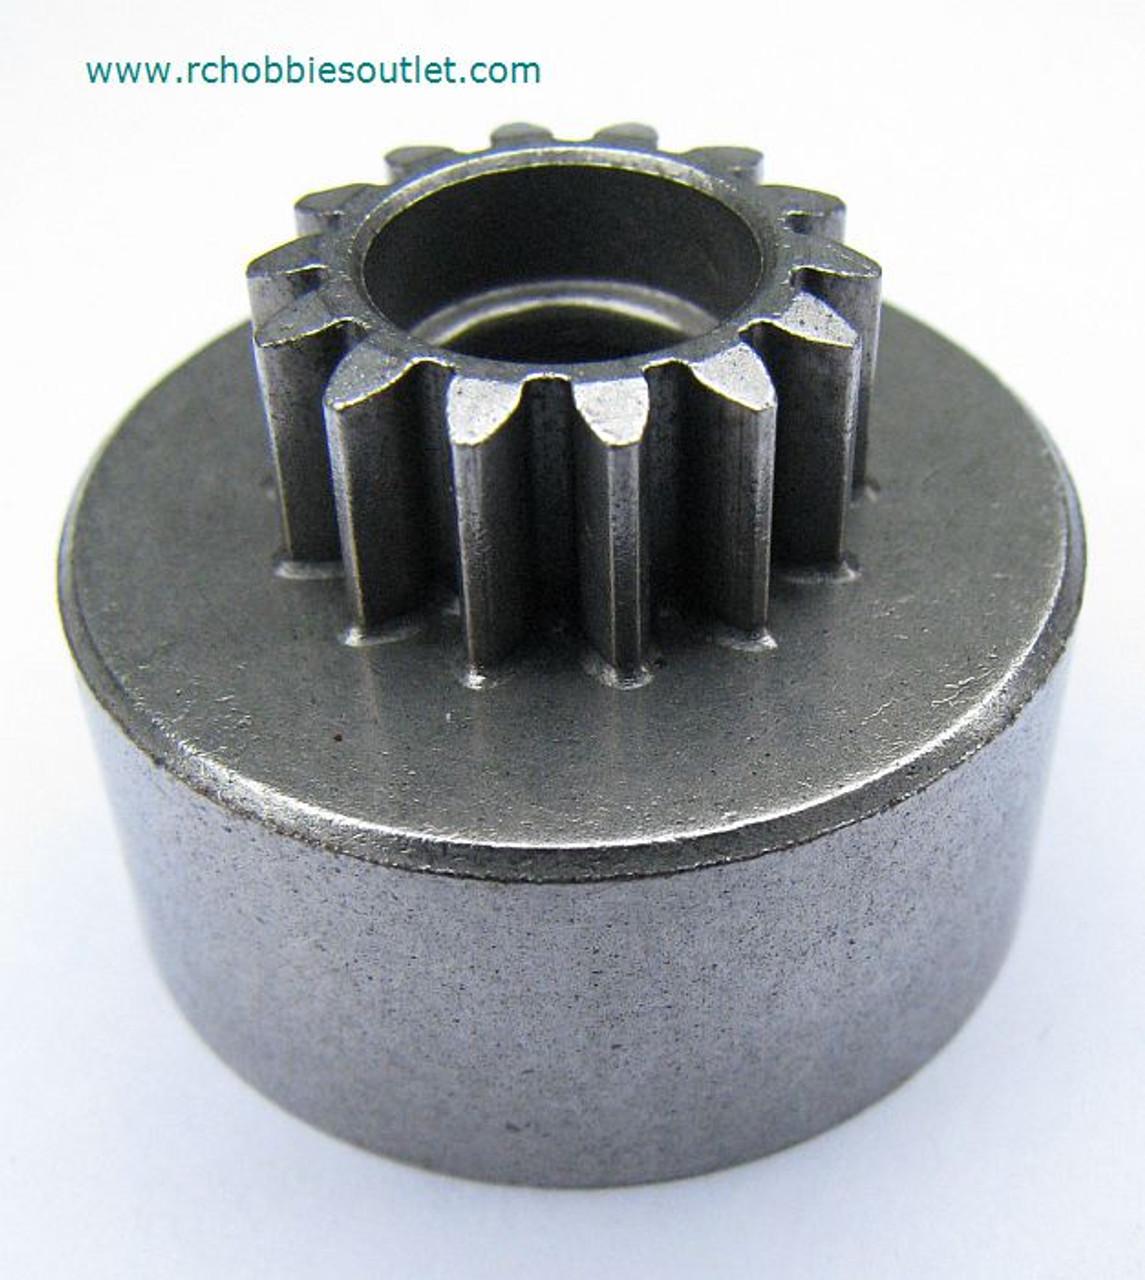 60061 Clutch Bell Gear (14T)